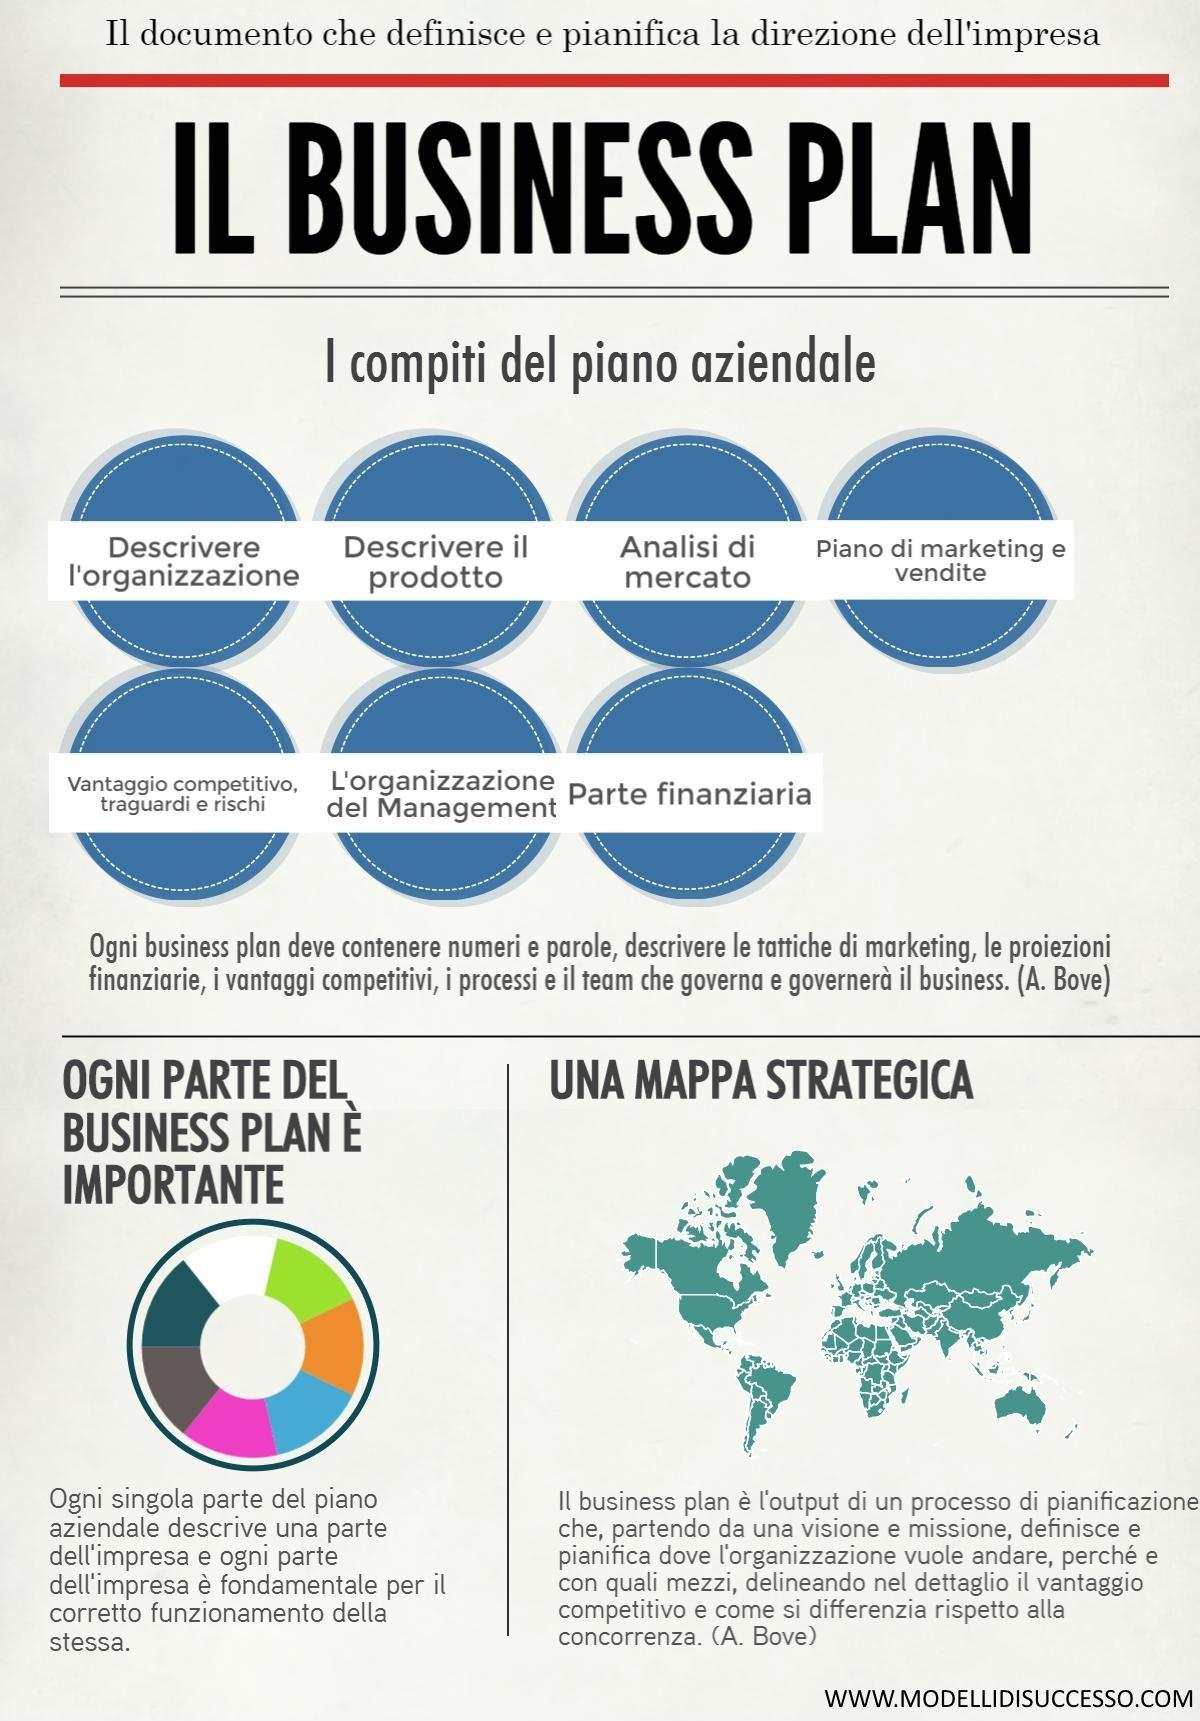 Il Business Plan - Modelli di Successo